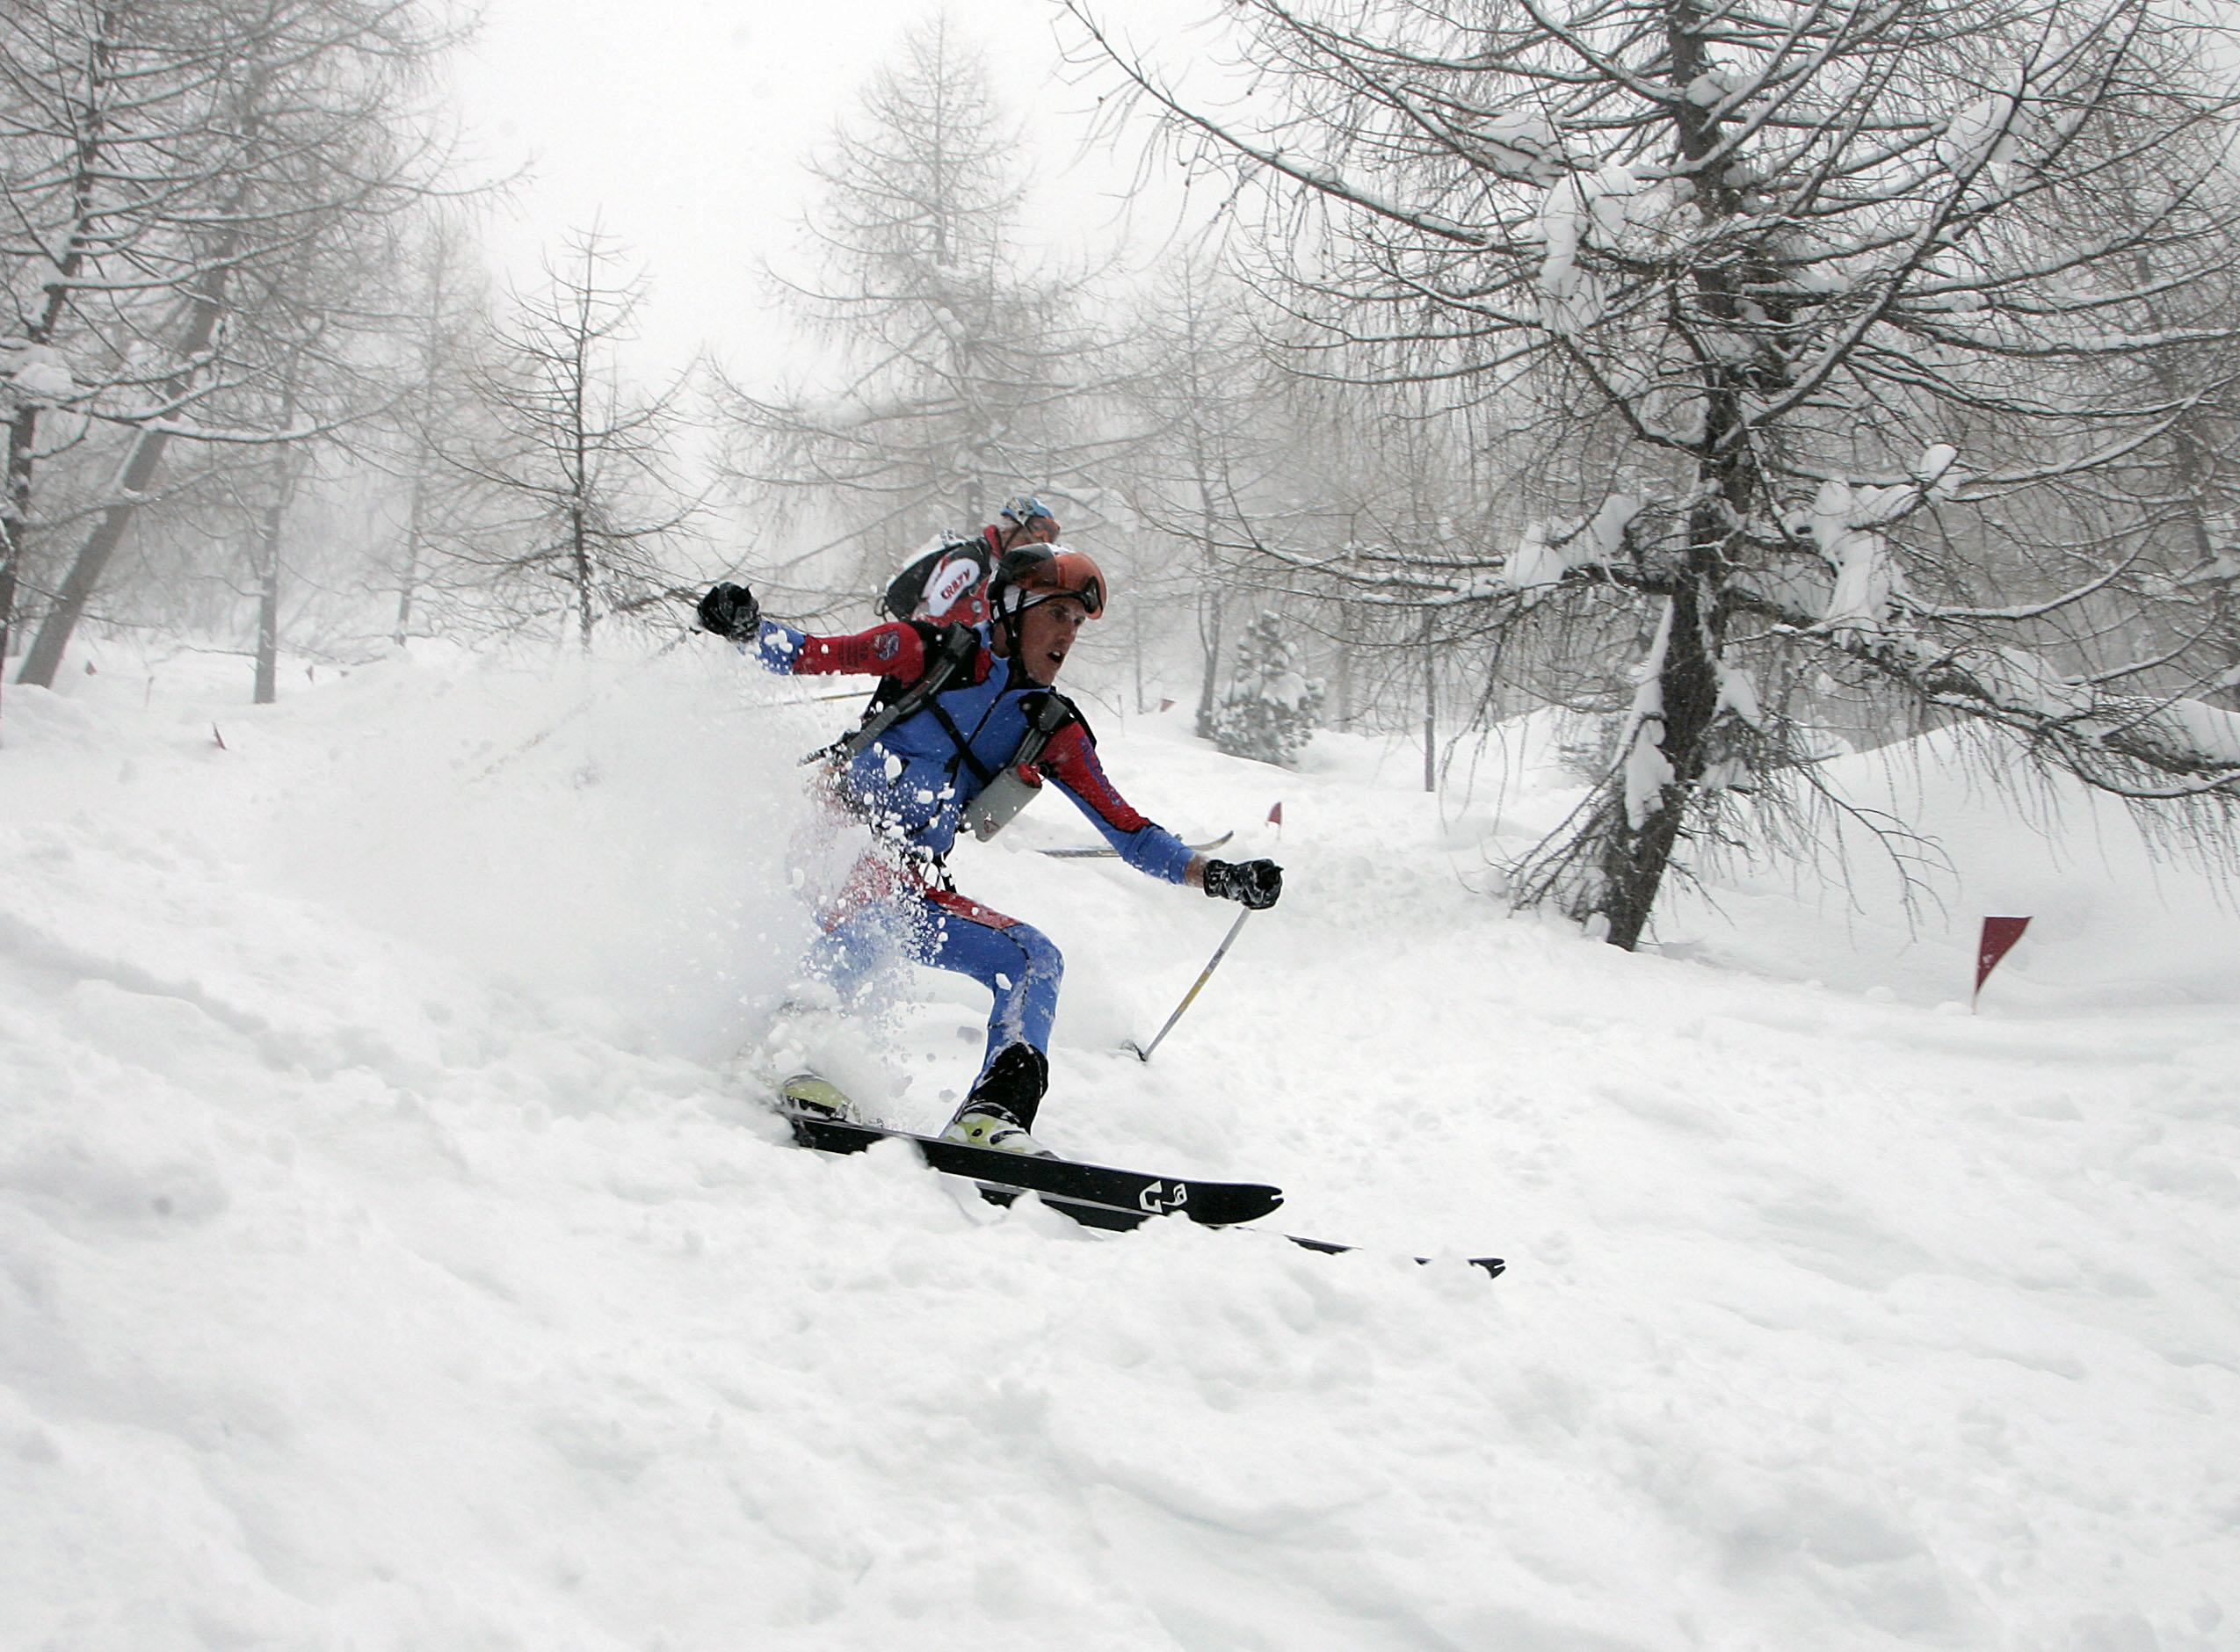 scialpinista